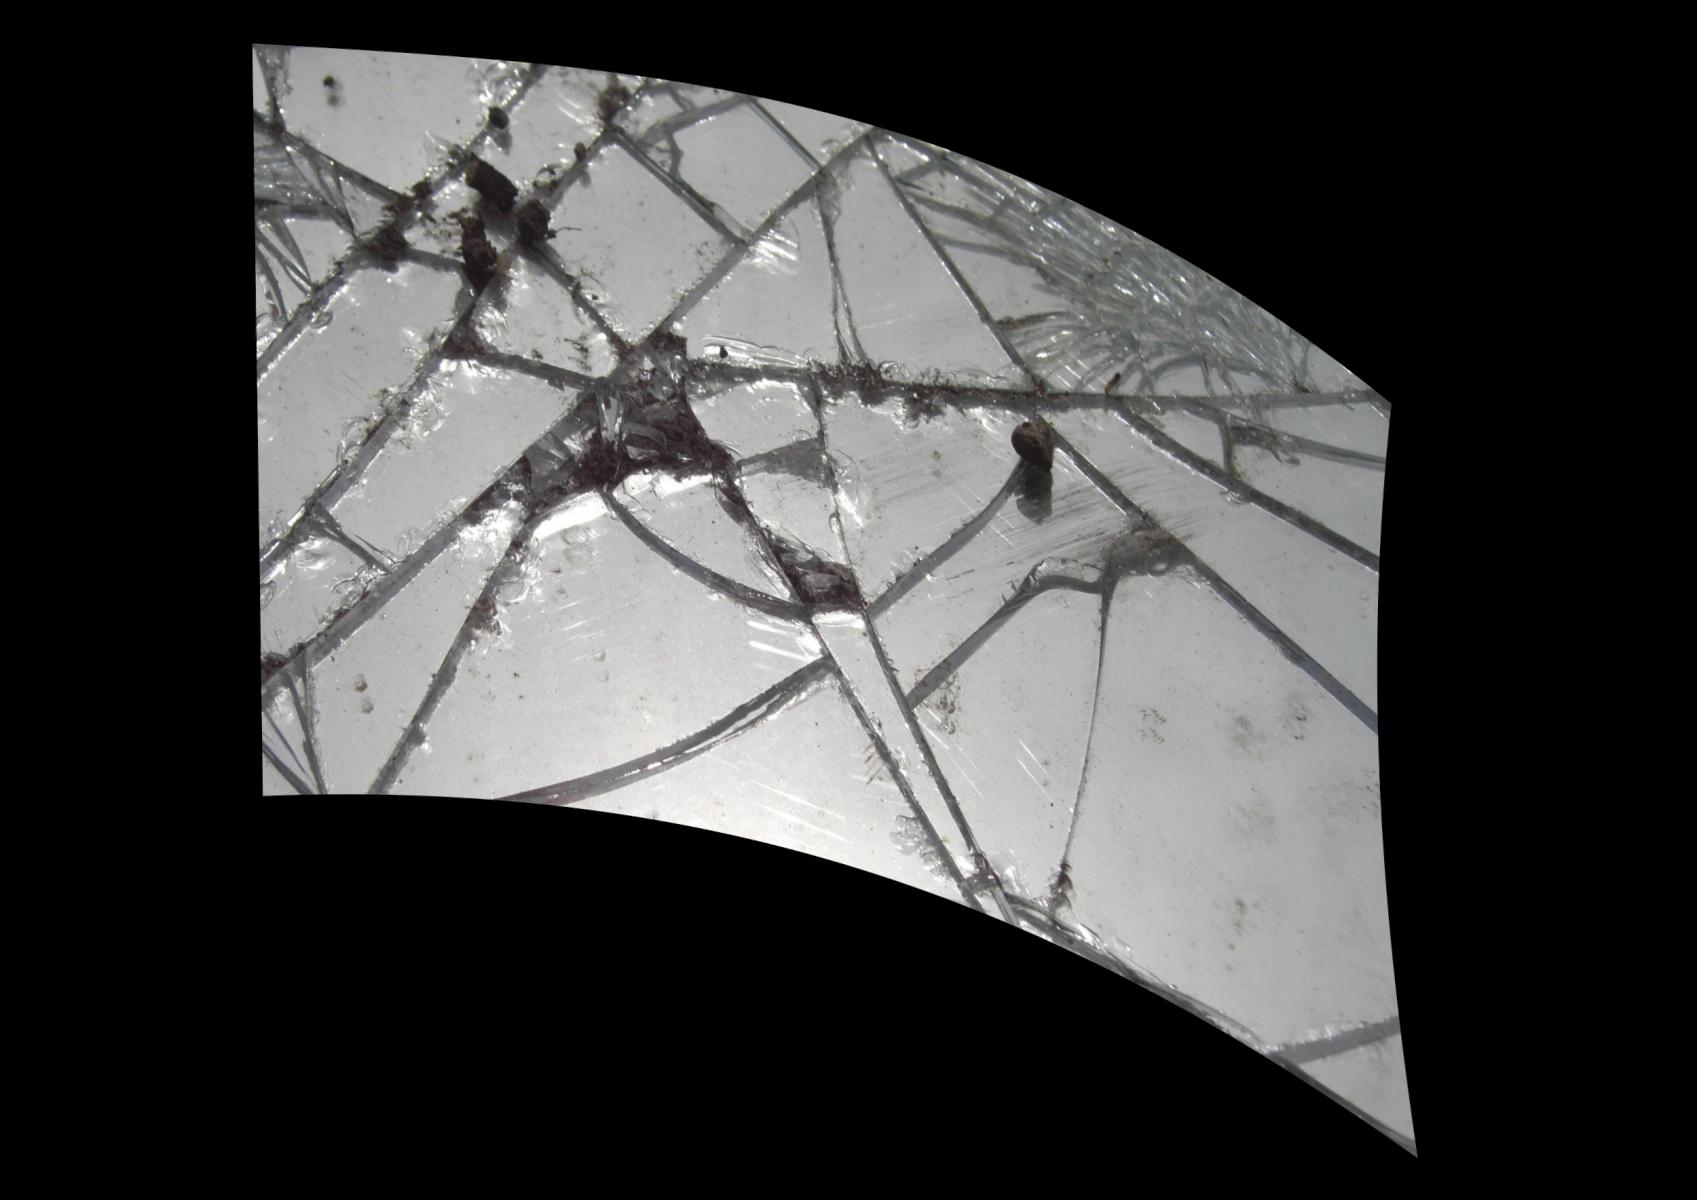 020202s - 36x54 Standard Broken Mirror 2